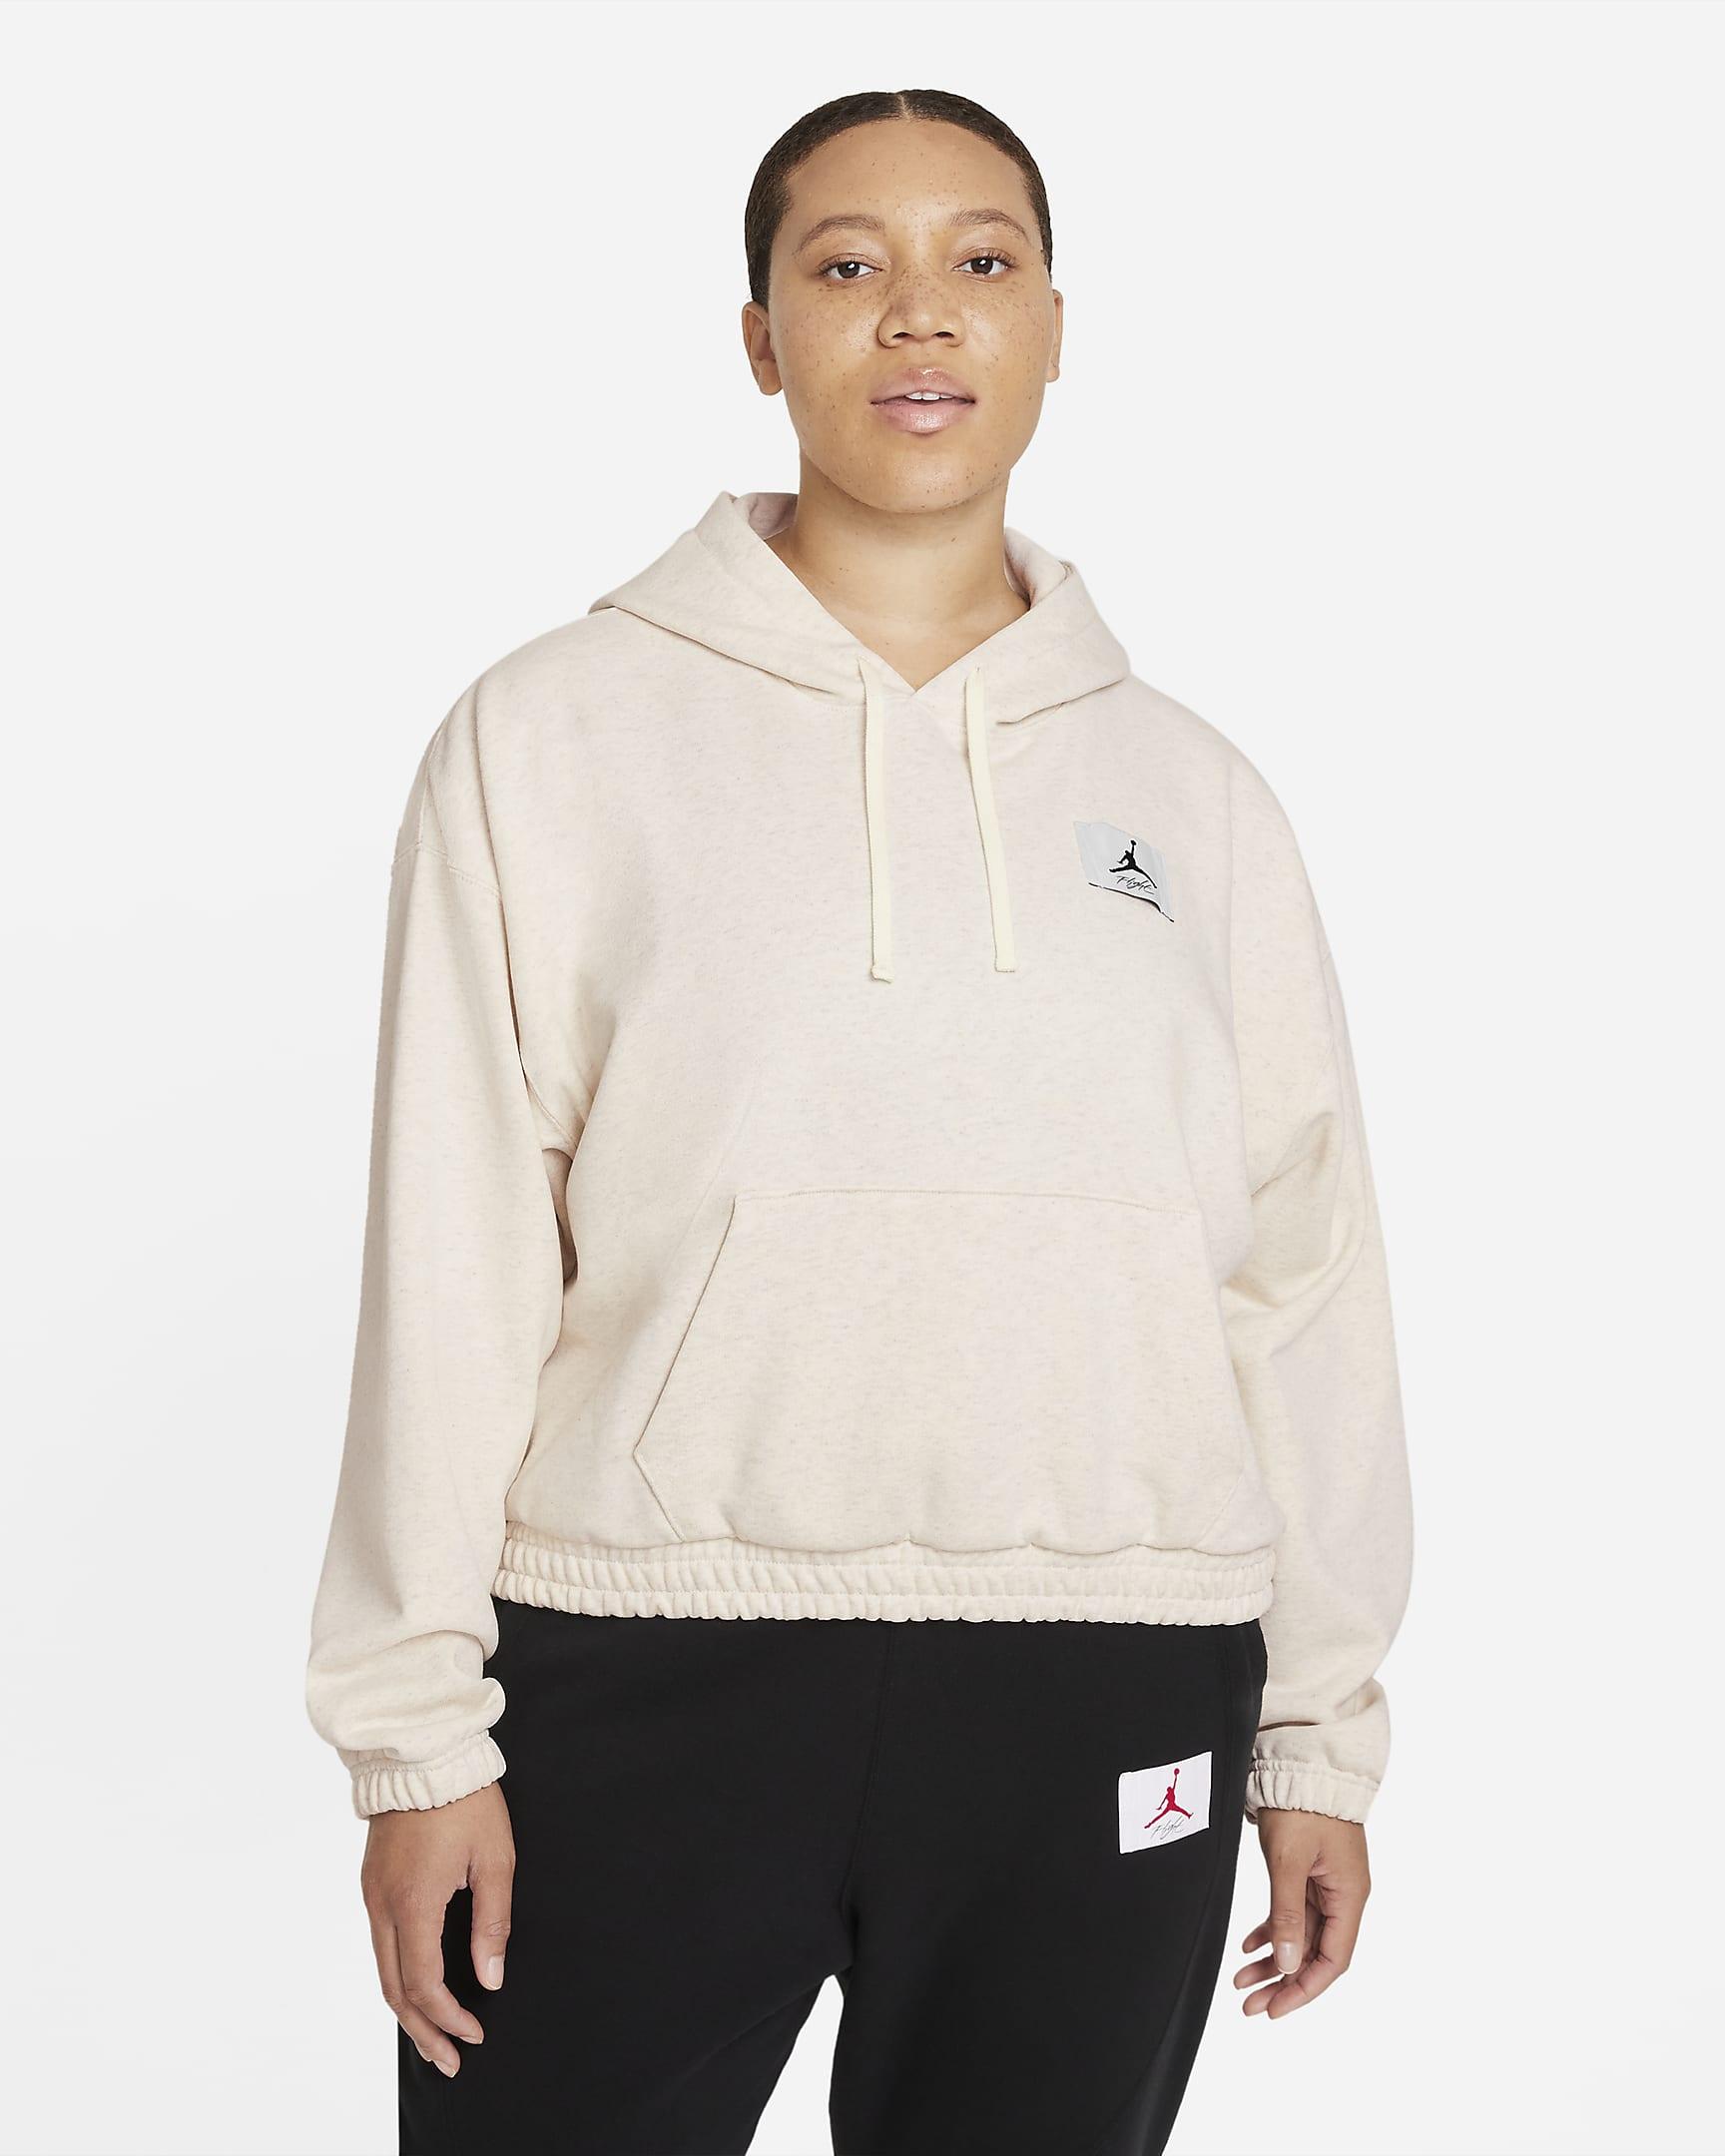 jordan-essentials-womens-fleece-hoodie-plus-size-J9Pgqw.png